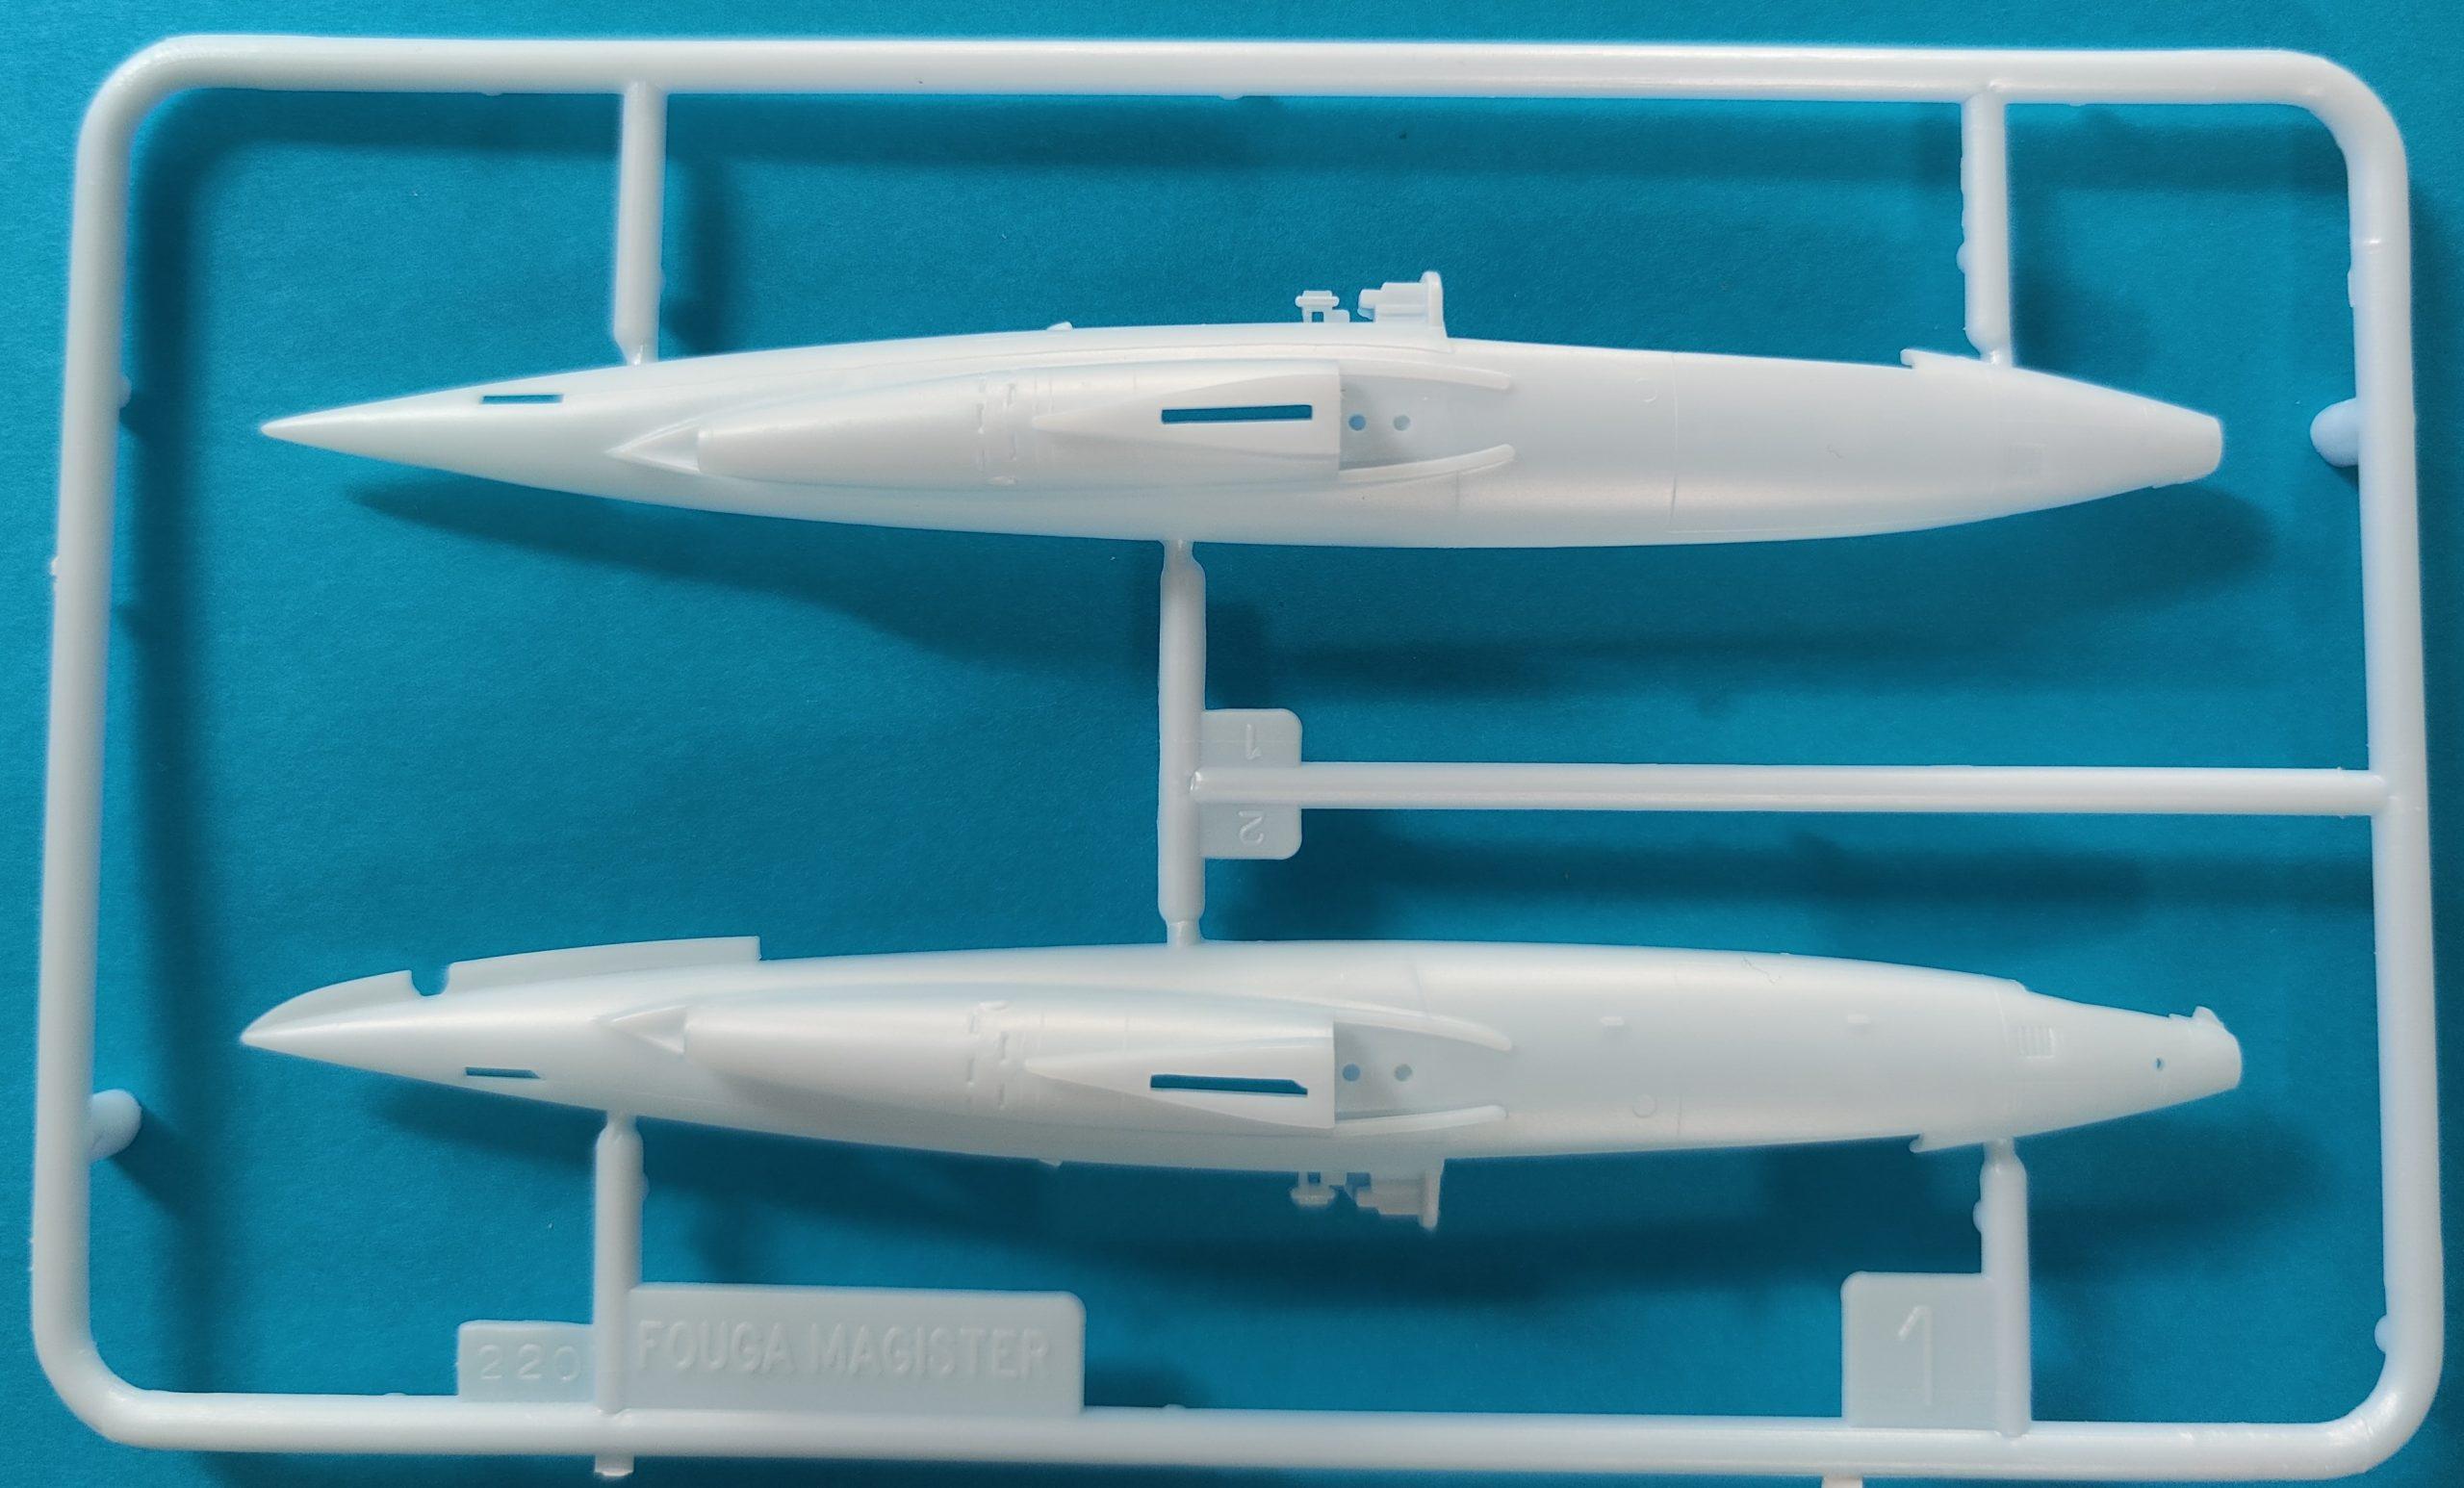 Heller_magister004-scaled Heller Fouga Magister CM 170 in 1:72